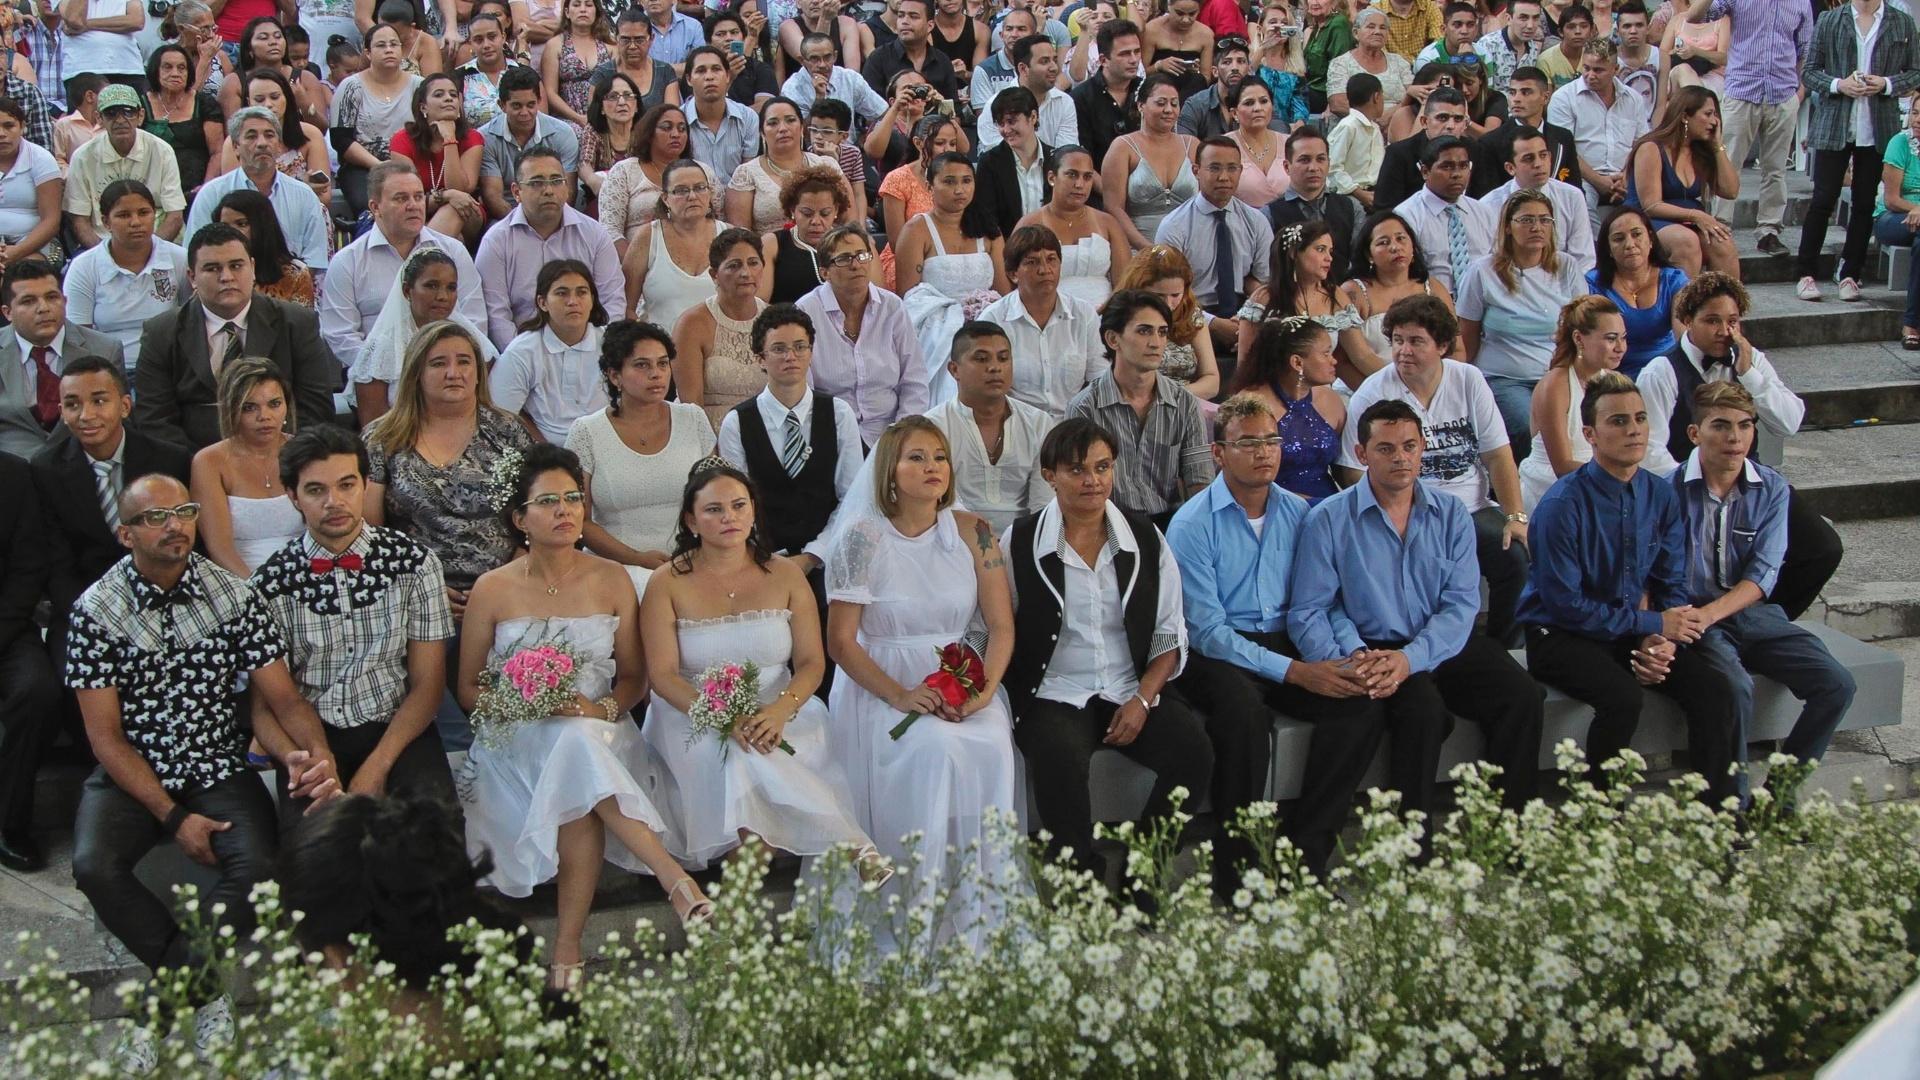 9.jun.2014 - Trinta casais homossexuais participaram de um casamento coletivo neste final de semana em Fortaleza, no Ceará. O primeiro casamento gay coletivo da cidade aconteceu no Parque da Liberdade. O casamento foi aprovado pela Câmara dos Vereadores de Fortaleza em maio. O evento, realizado por meio da Coordenadoria de Políticas para a Diversidade Sexual da Secretaria de Cidadania e Direitos Humanos (SCDH), teve o intuito de auxiliar aqueles que possuem o desejo de casar, mas não podem arcar com as despesas da cerimônia